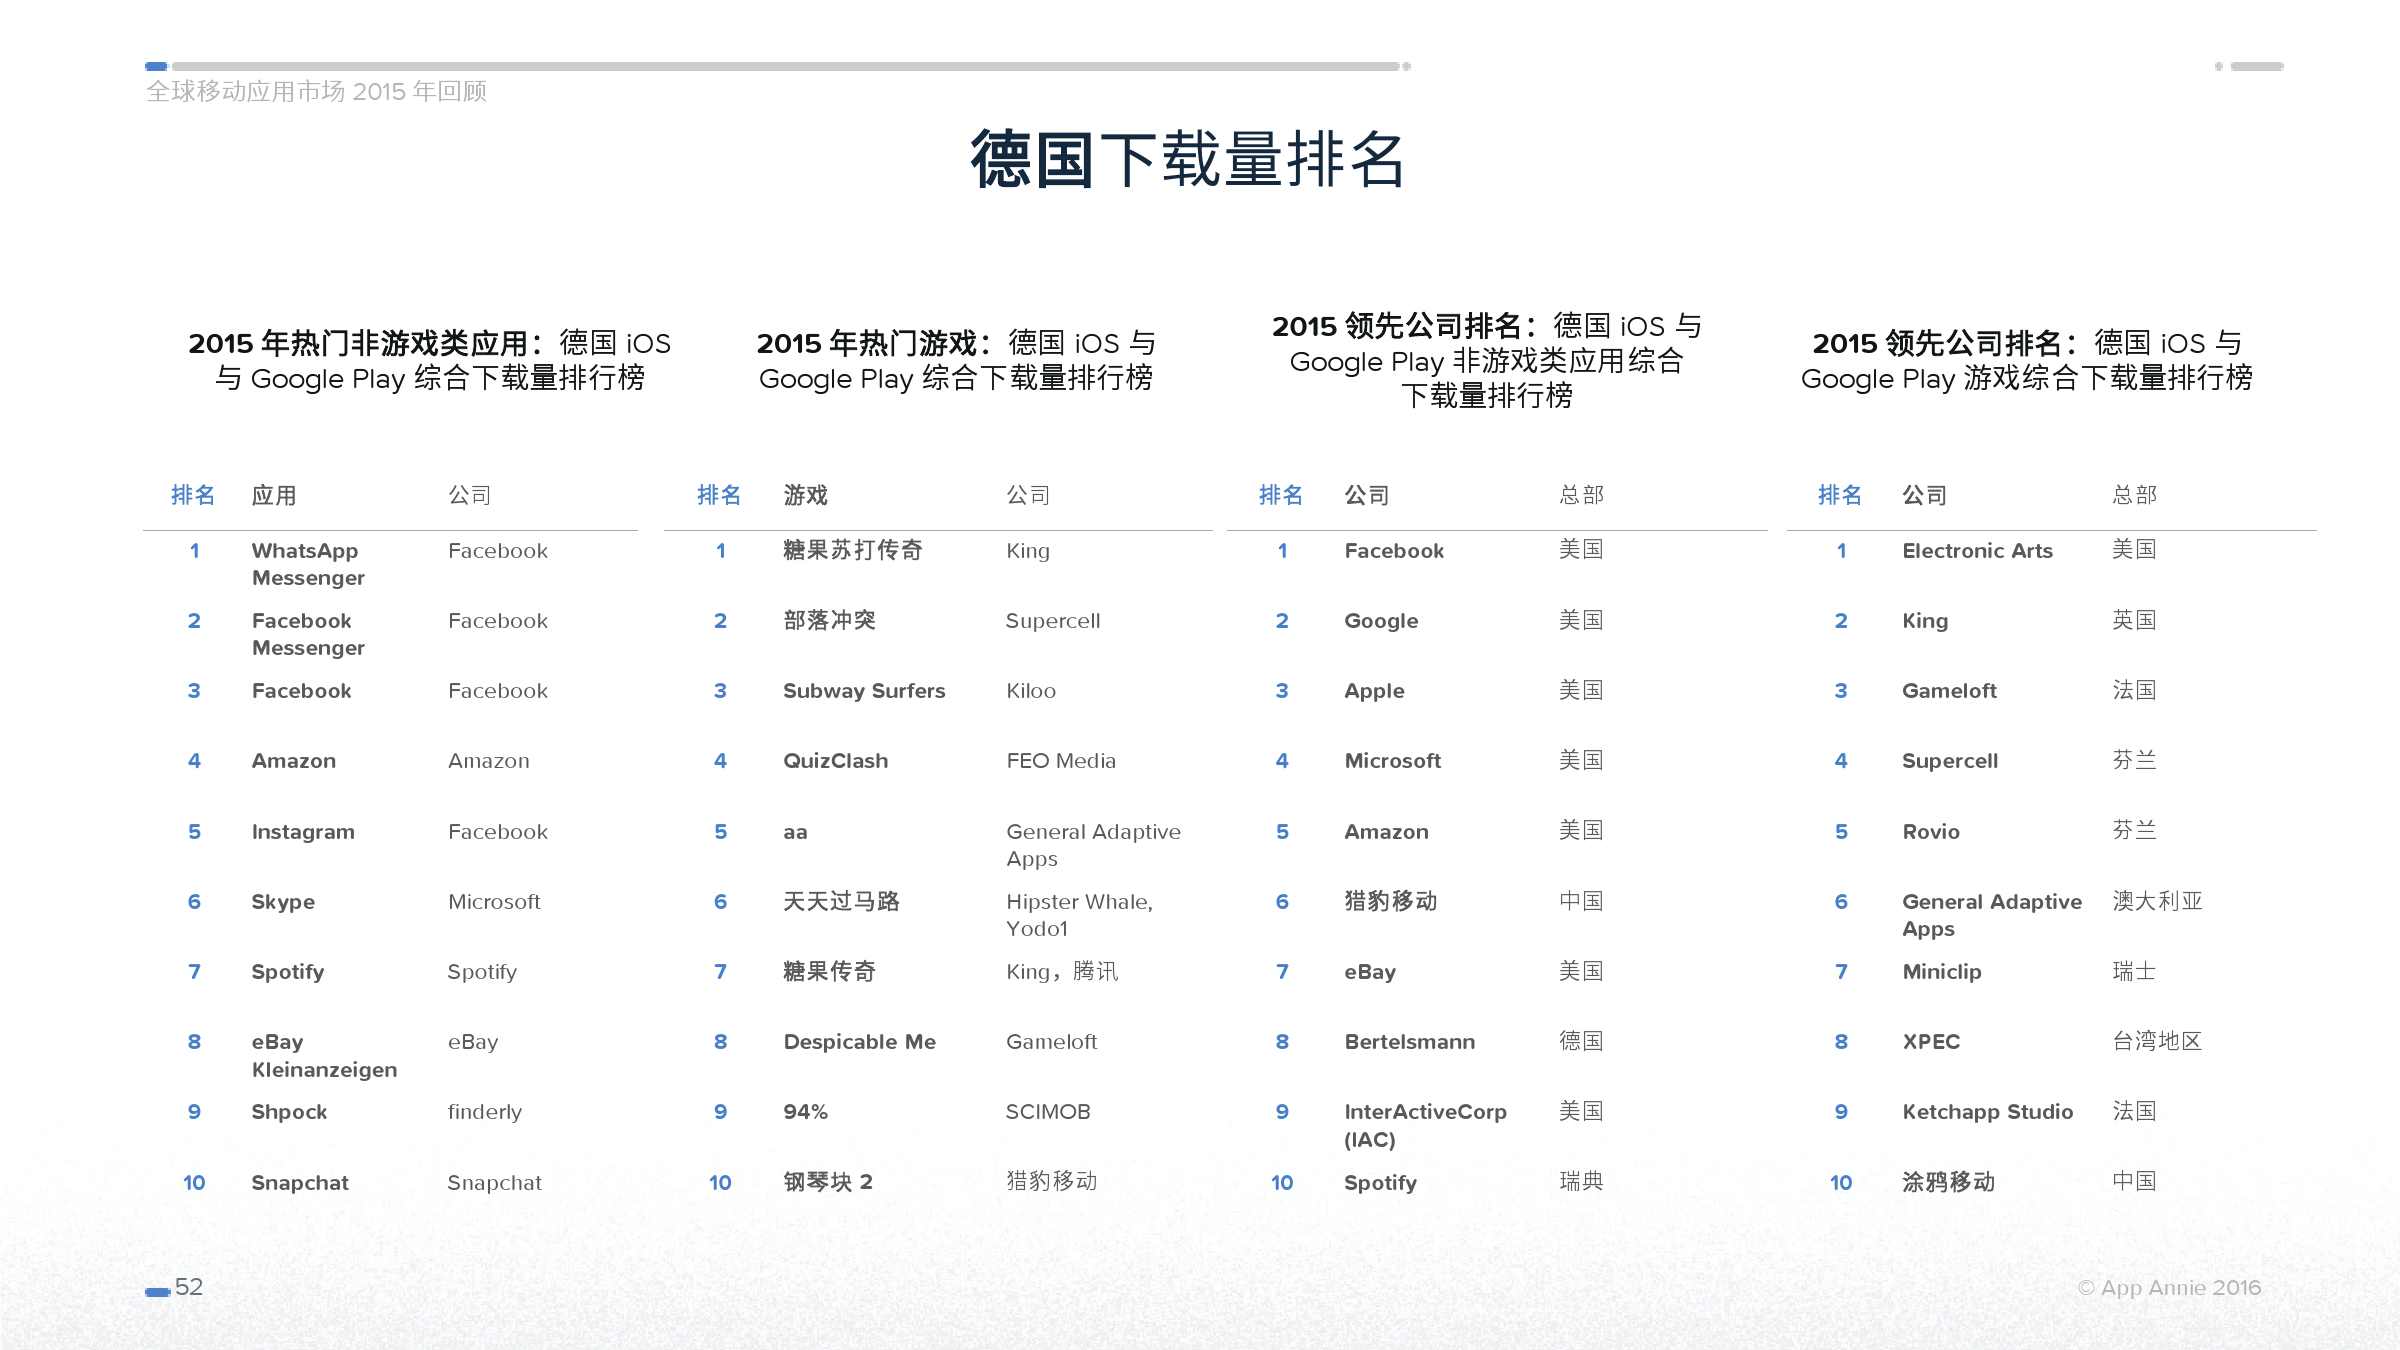 App Annie 全球移动应用市场 2015 年回顾_000052